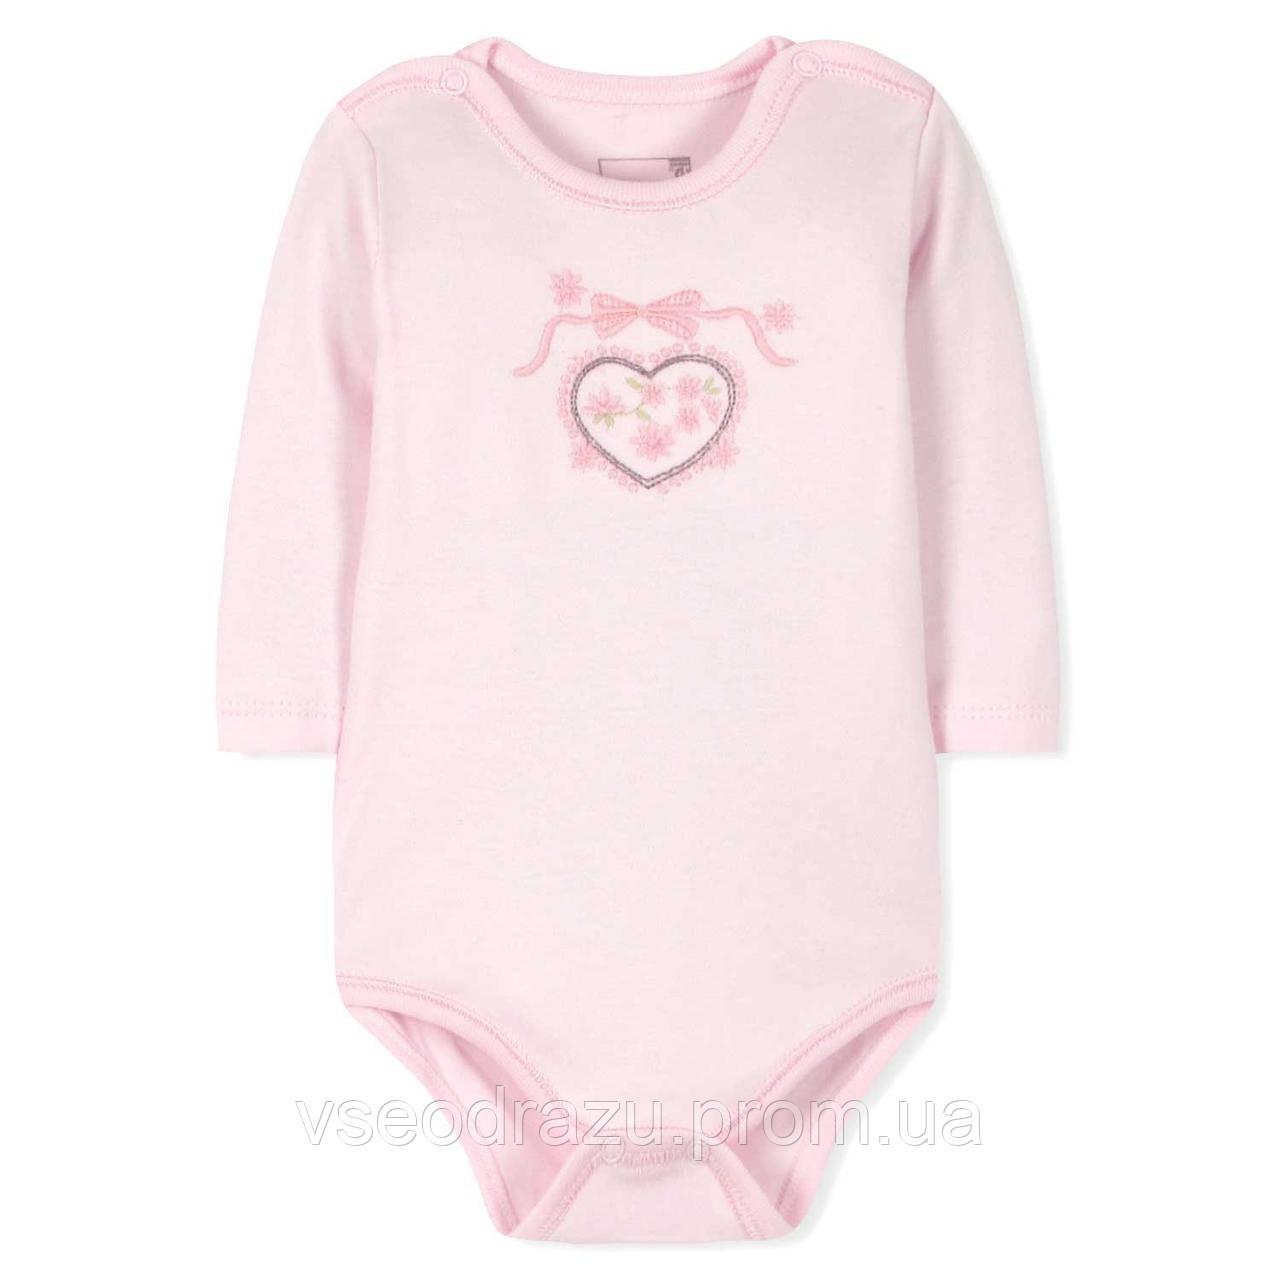 Комплект 10 в 1 для новорожденной девочки Caramell  продажа 52a582ee8762f